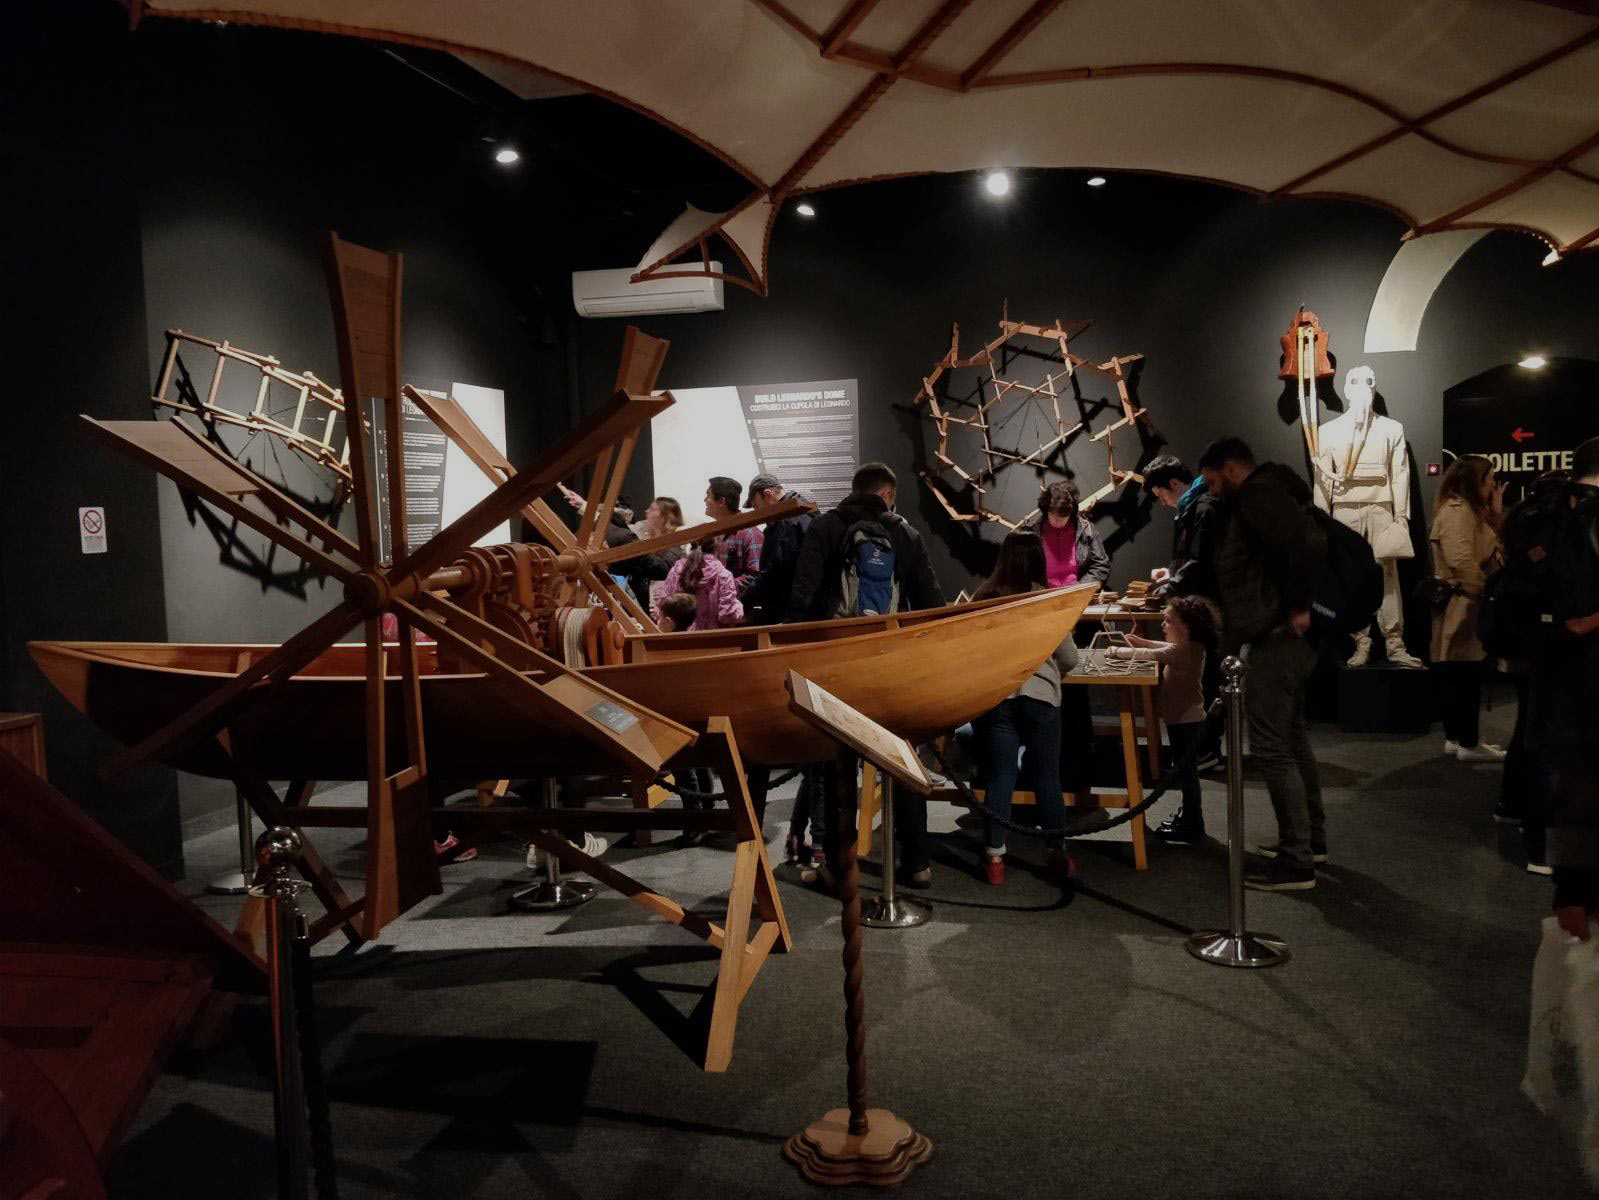 Museo Leonardo da Vinci, Florença, Toscana, Itália